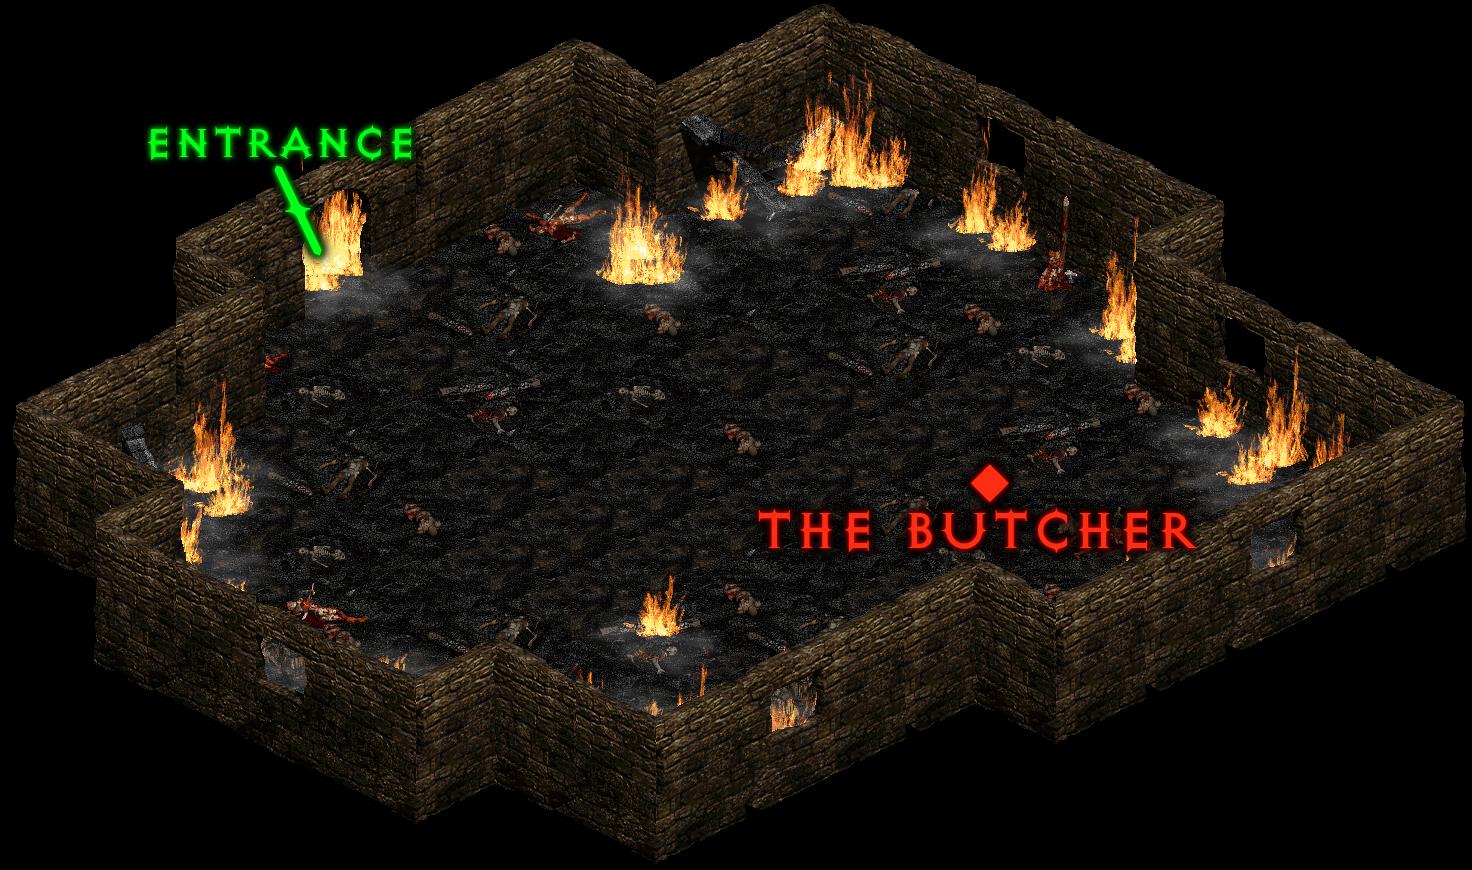 Butcher's Lair